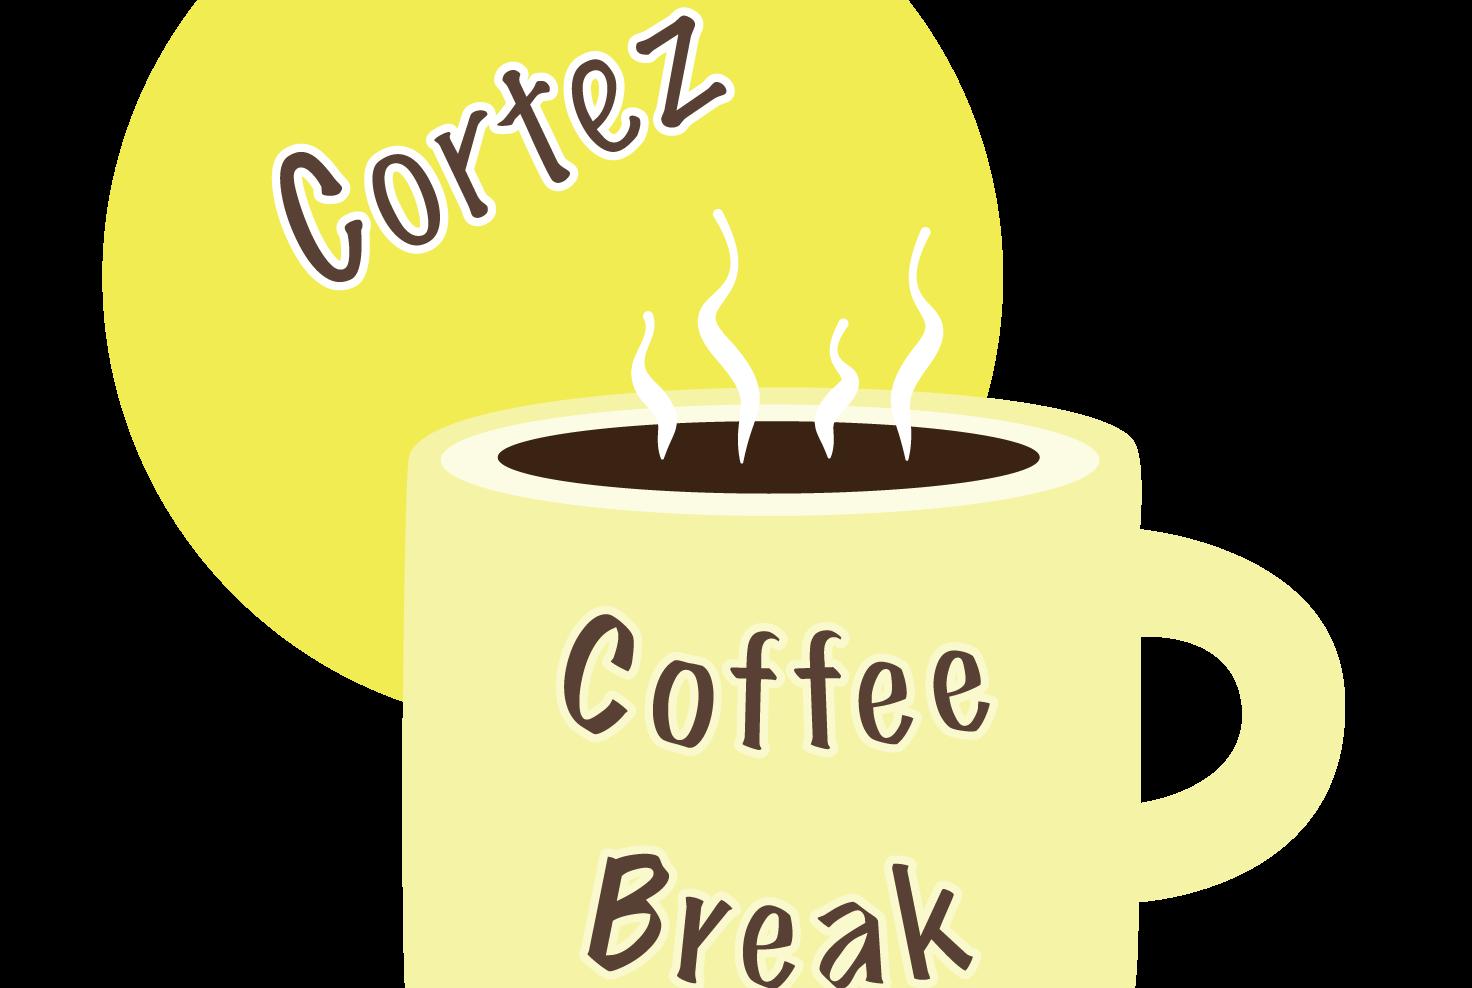 Cortez Coffee Break